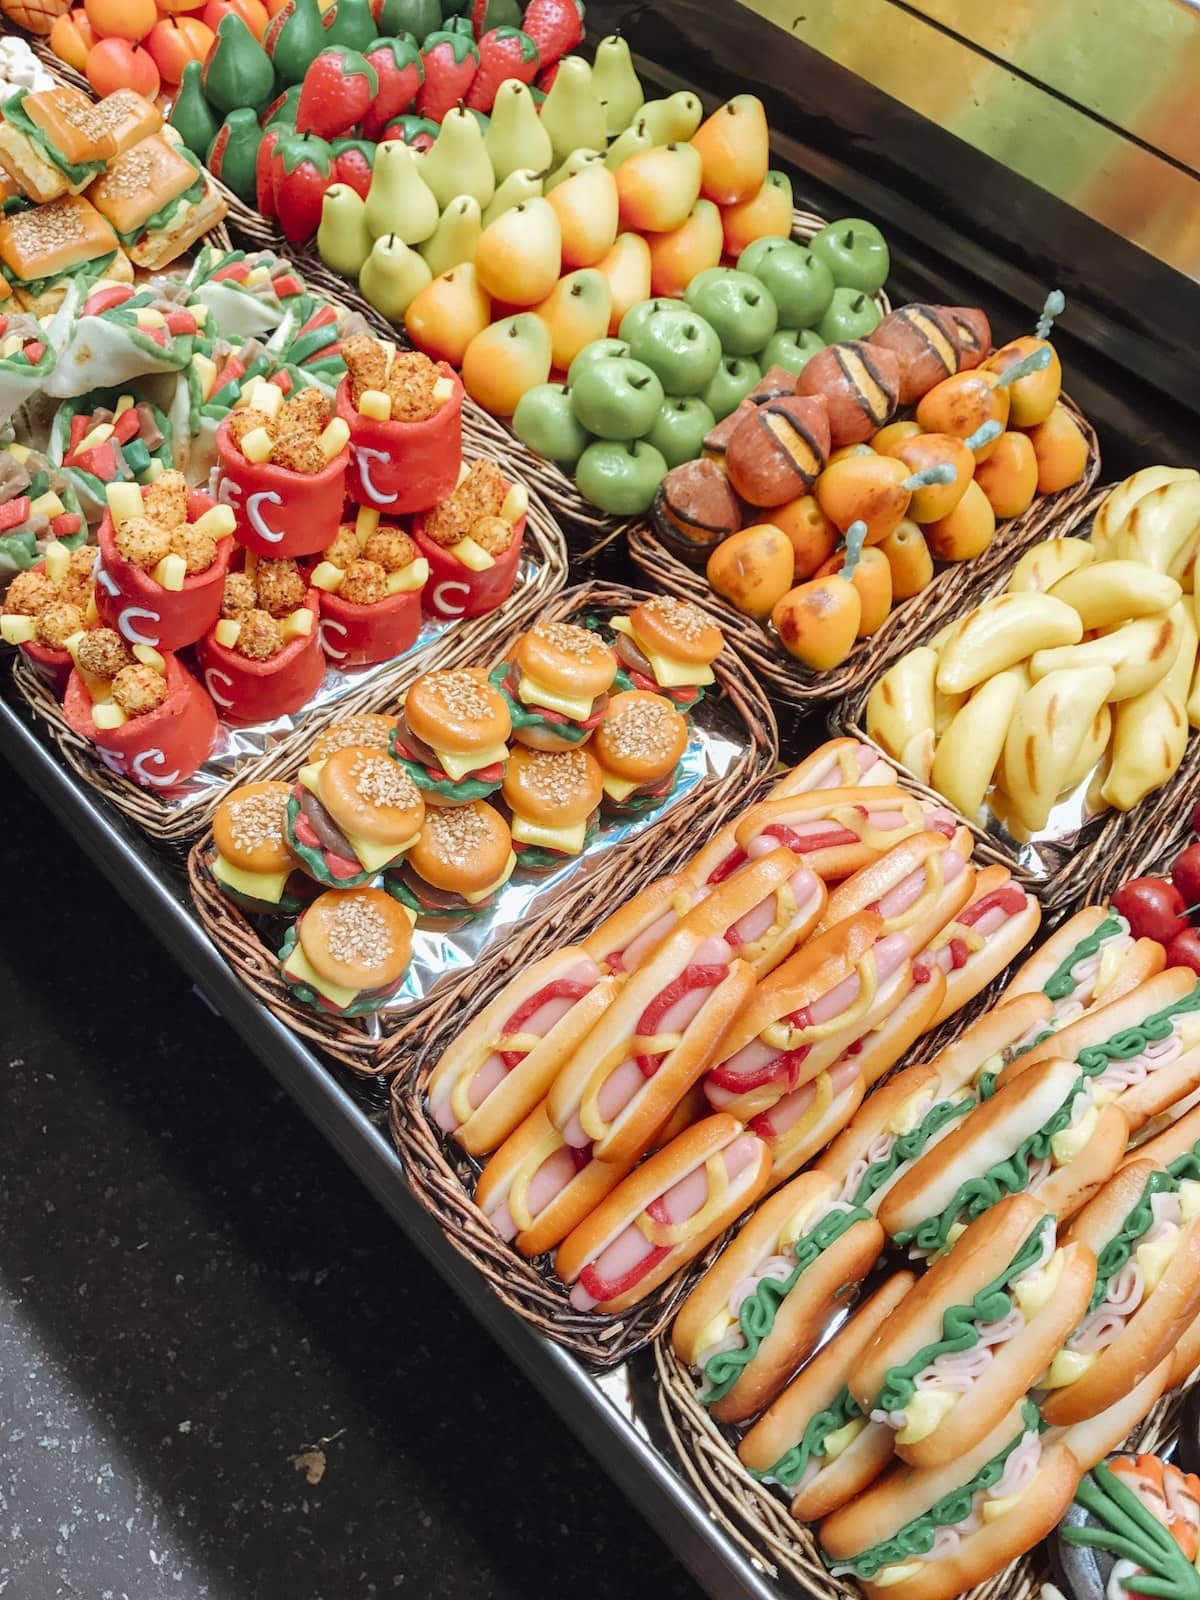 Barcelona Spain Tapas Restaurant